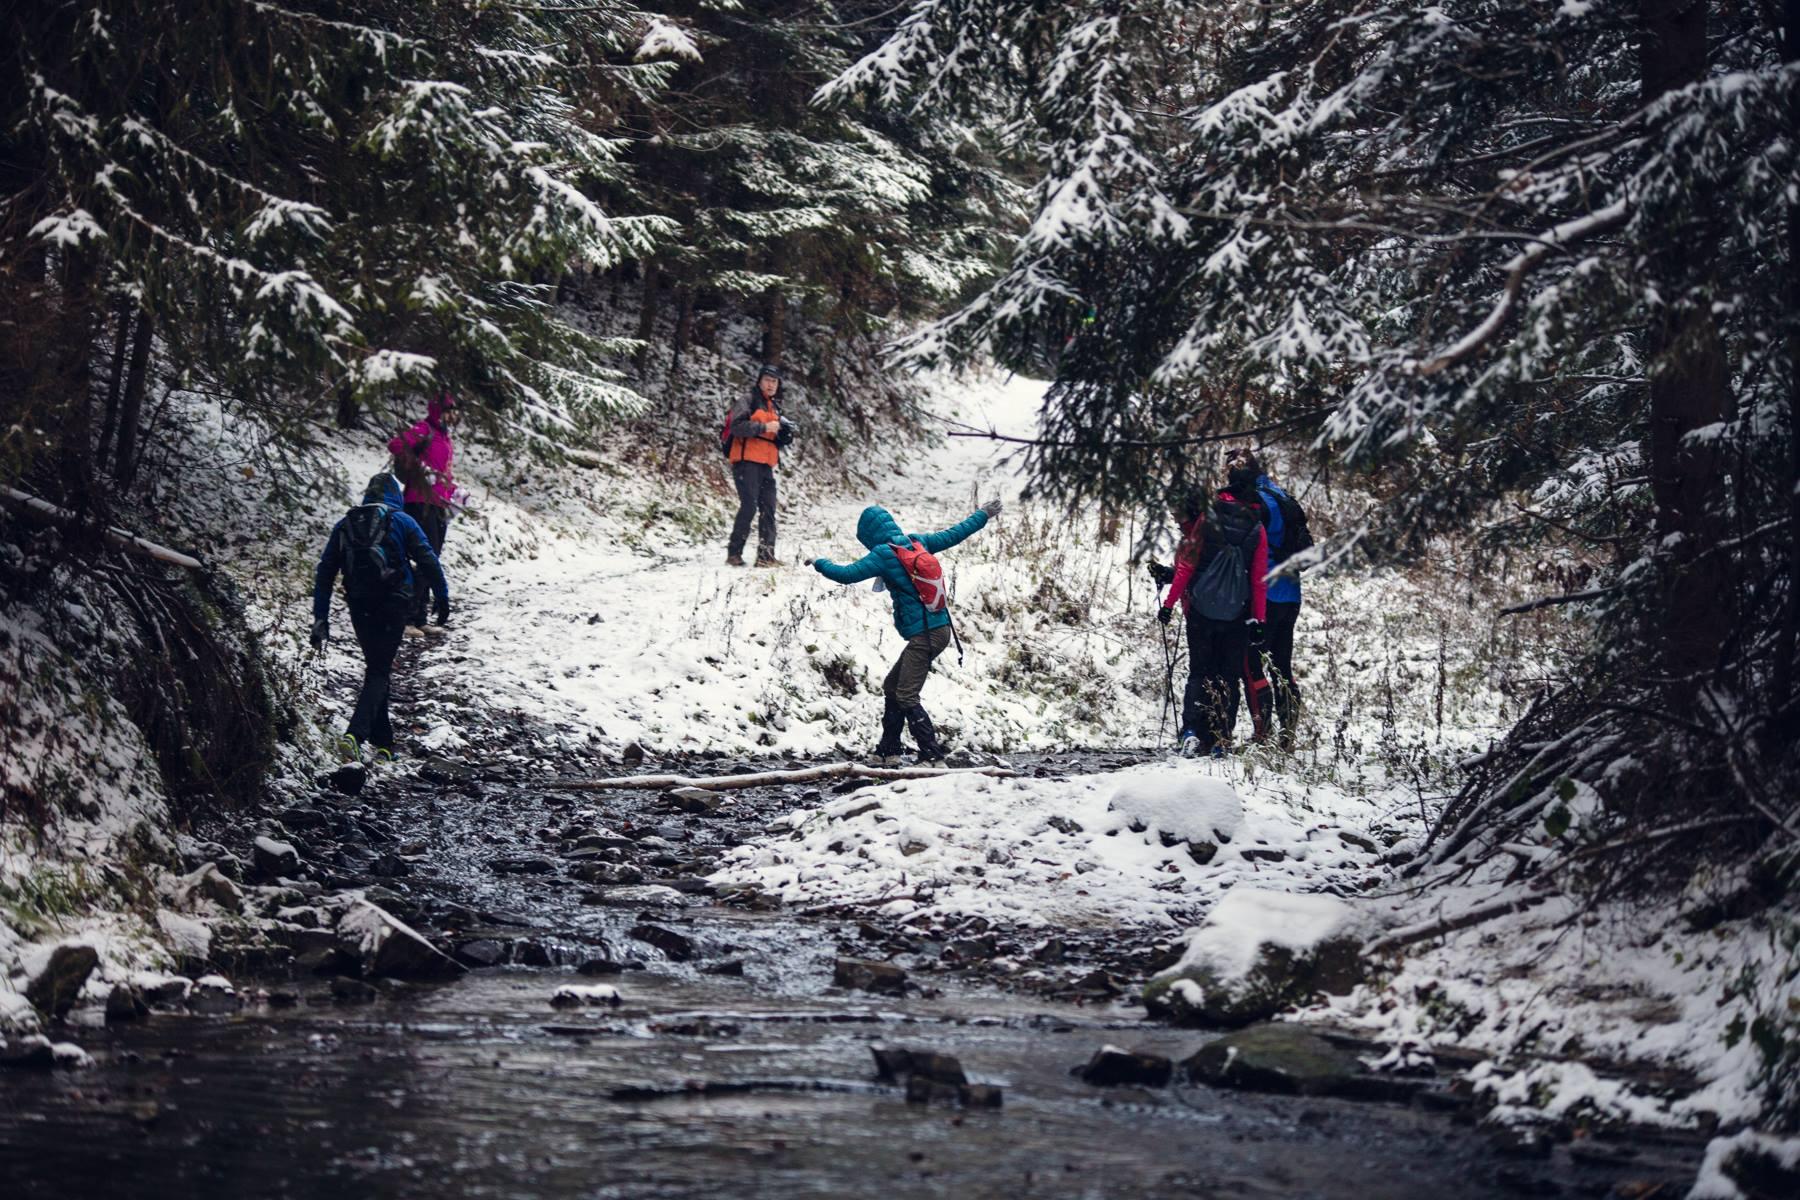 GEZnO to zawody, na których często biega się po lesie tylko z partnerem. Ale nierzadko też napiera się w kilka teamów, ot dla wspólnej zabawy i pomocy w nawigacji. Fot. Ostre Kadry